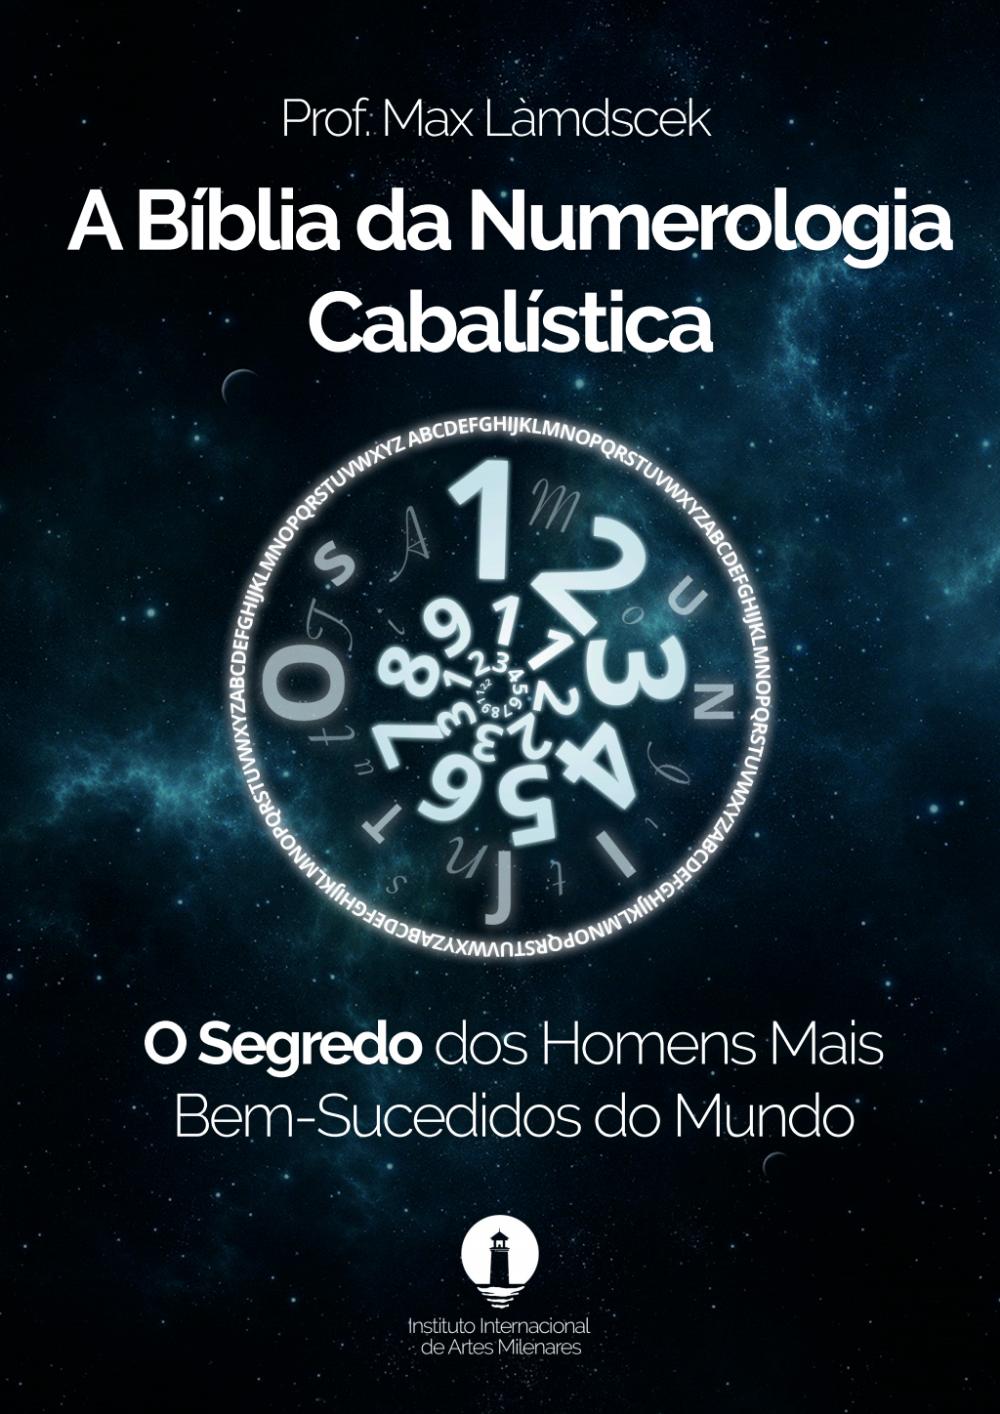 biblia-da-numerologia-cabalistica.pdf - Google Drive